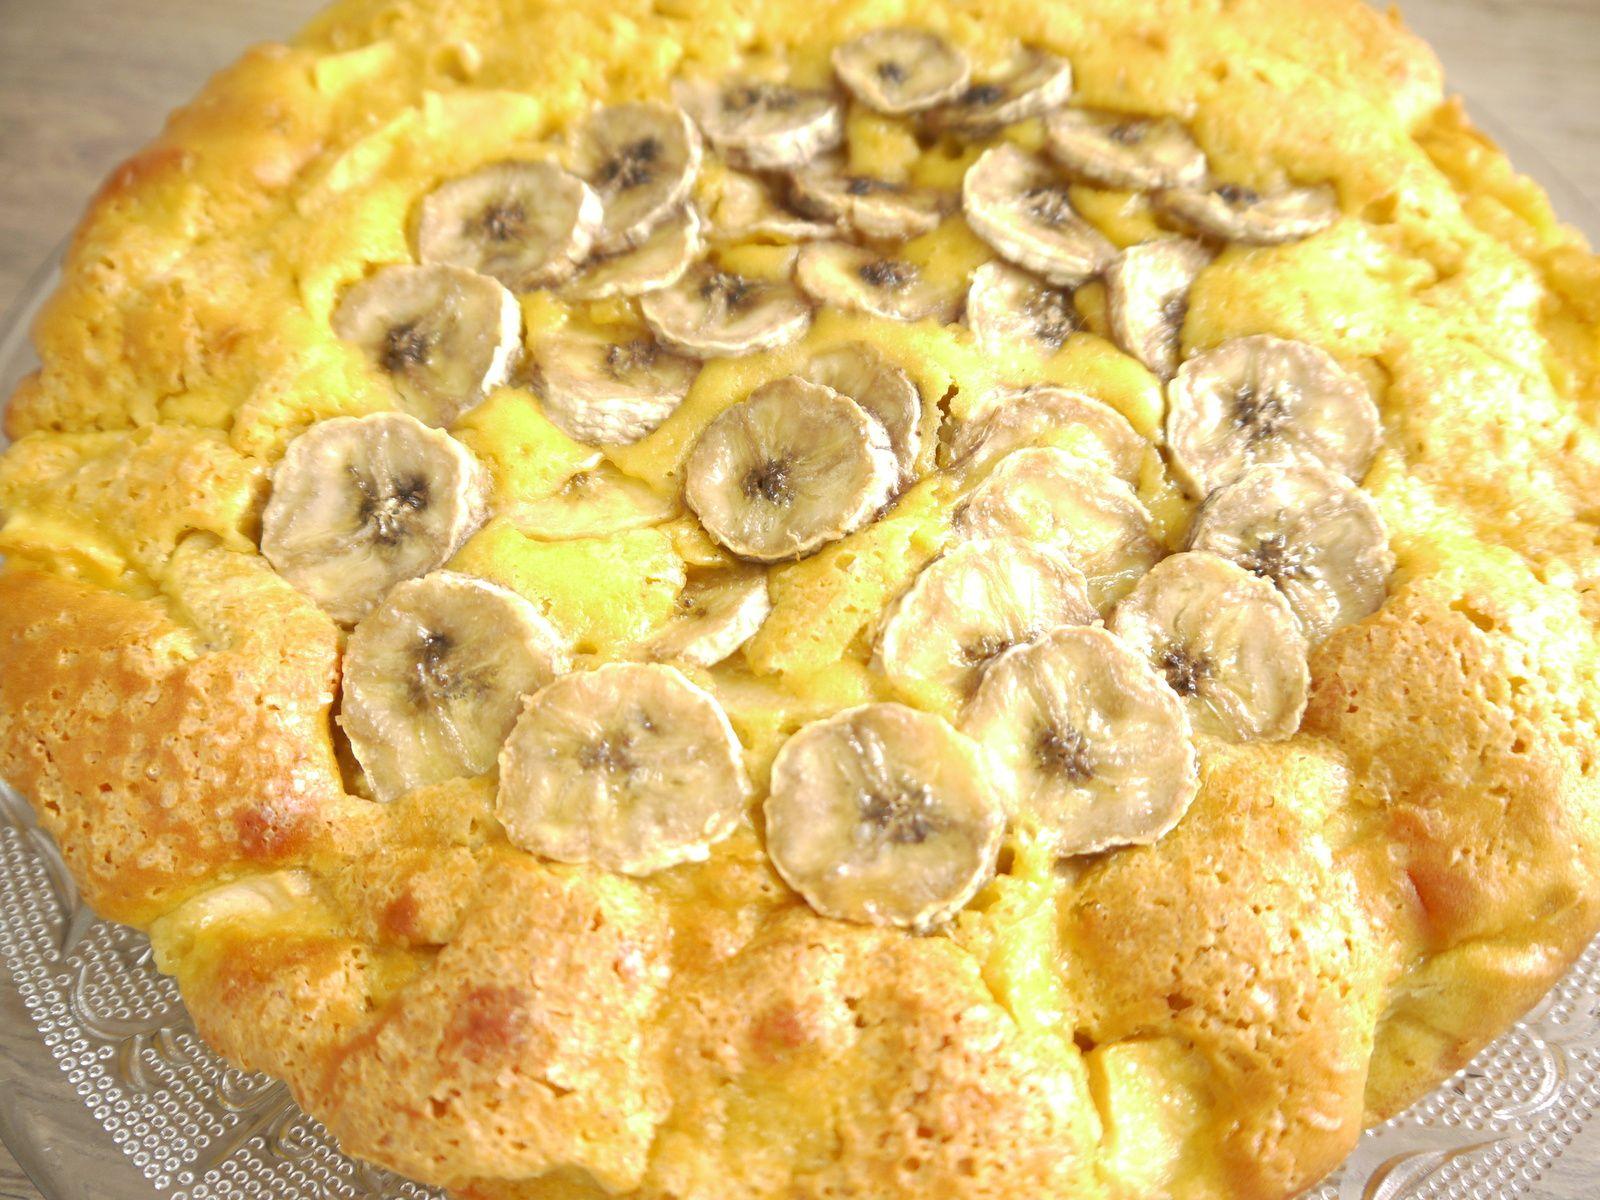 Gâteau au yaourt pommes bananes - Recette facile